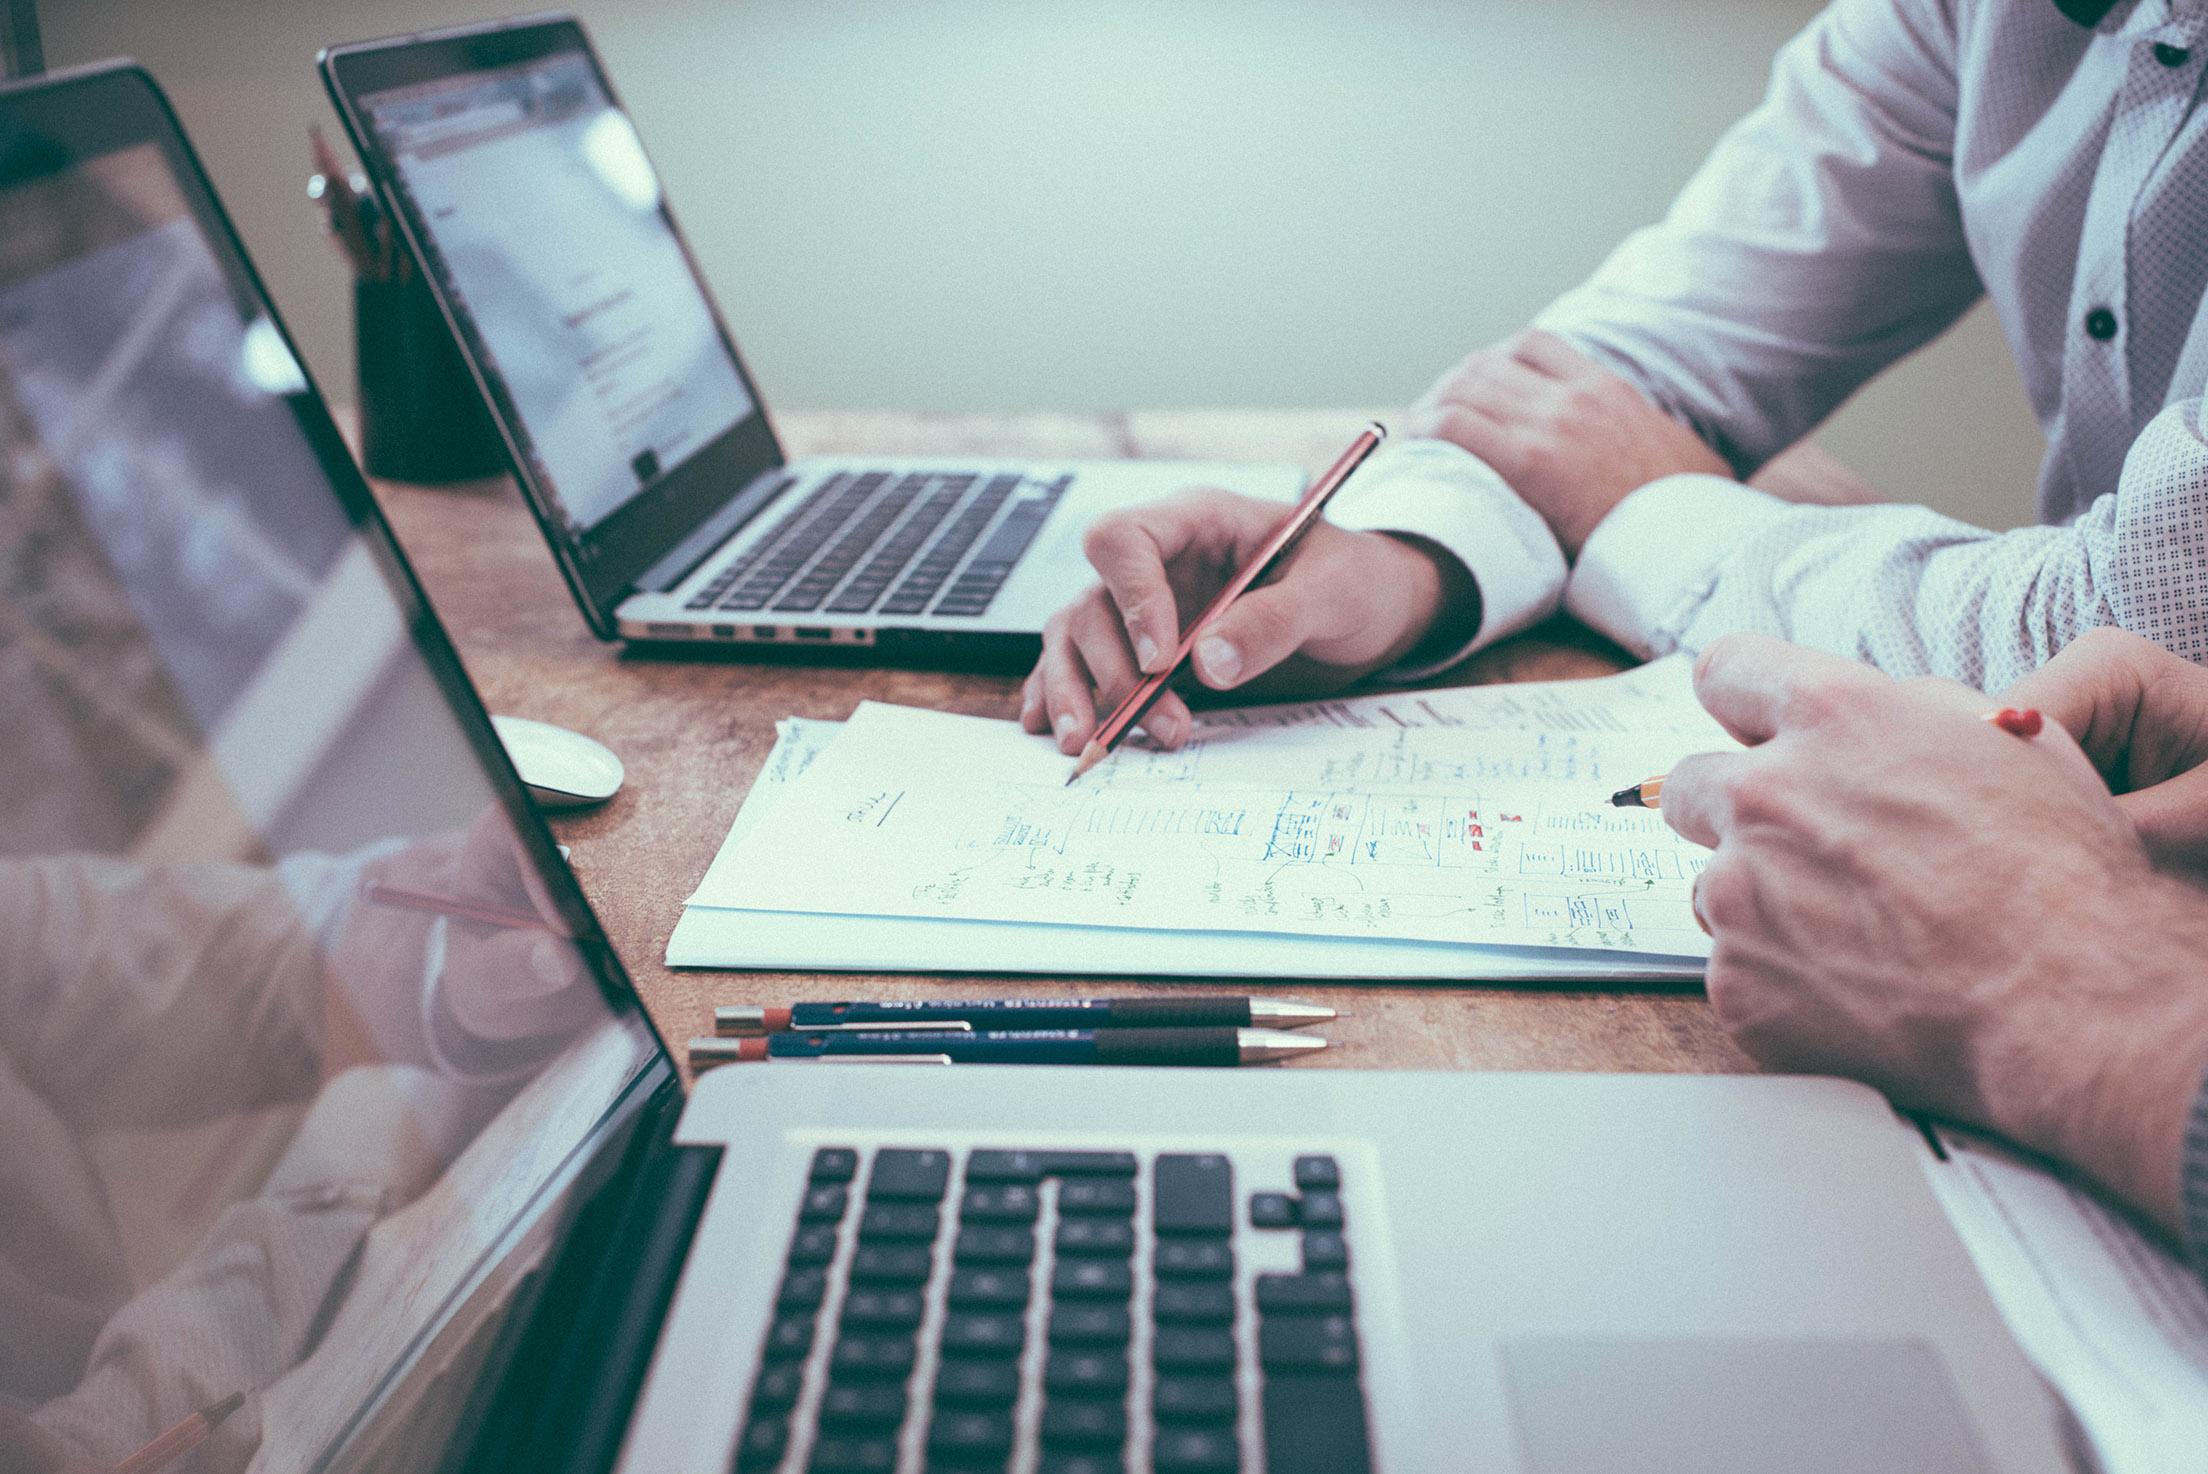 Top 5 Regulatory Compliance Updates in 2018